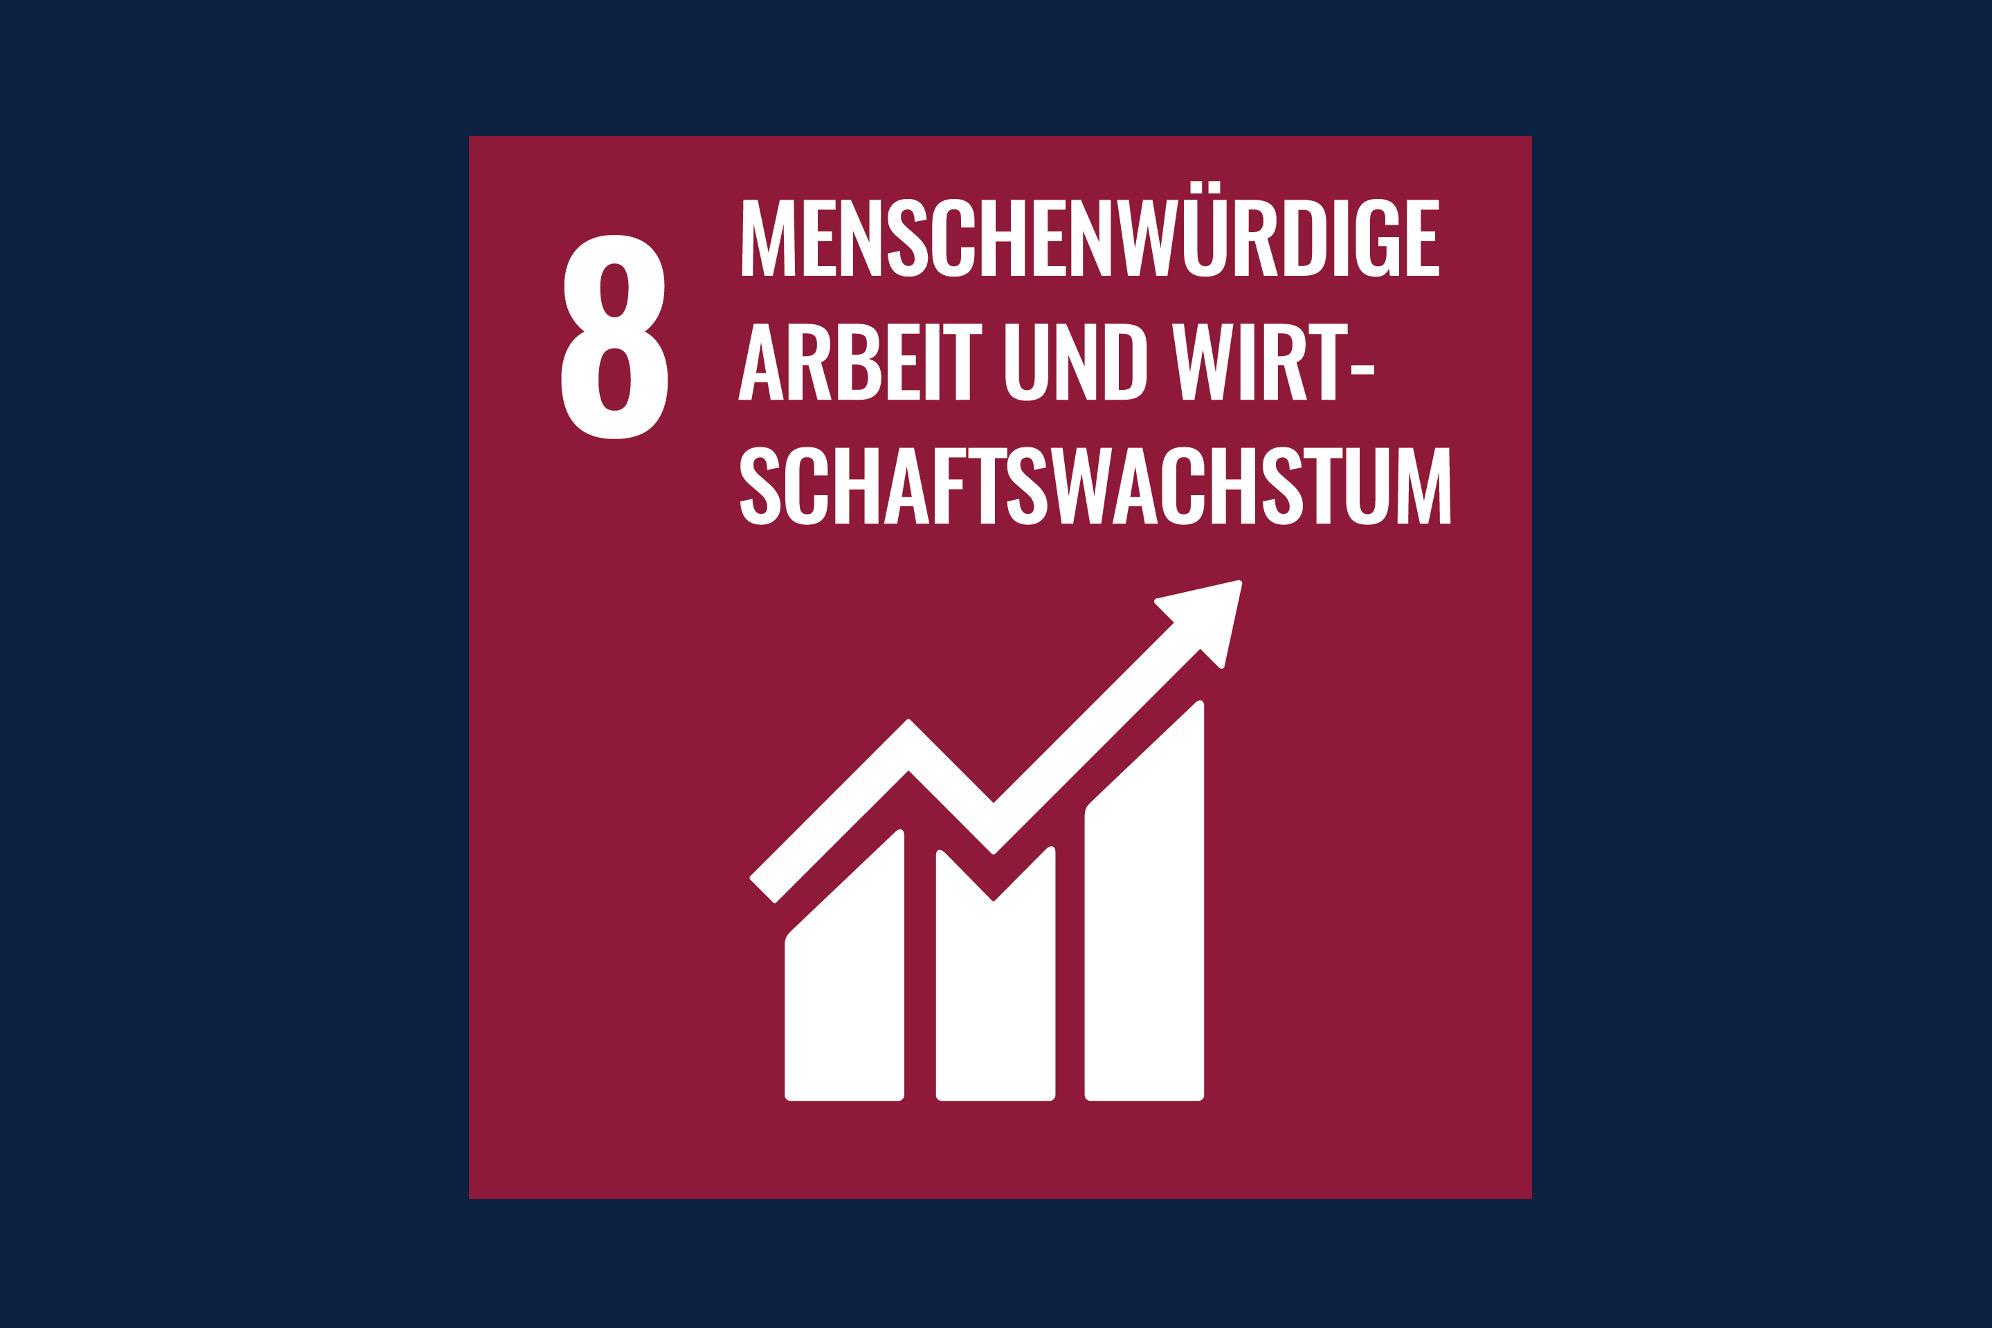 Icon für das Ziel 8 – Menschenwürdige Arbeit und Wirtschaftswachstum